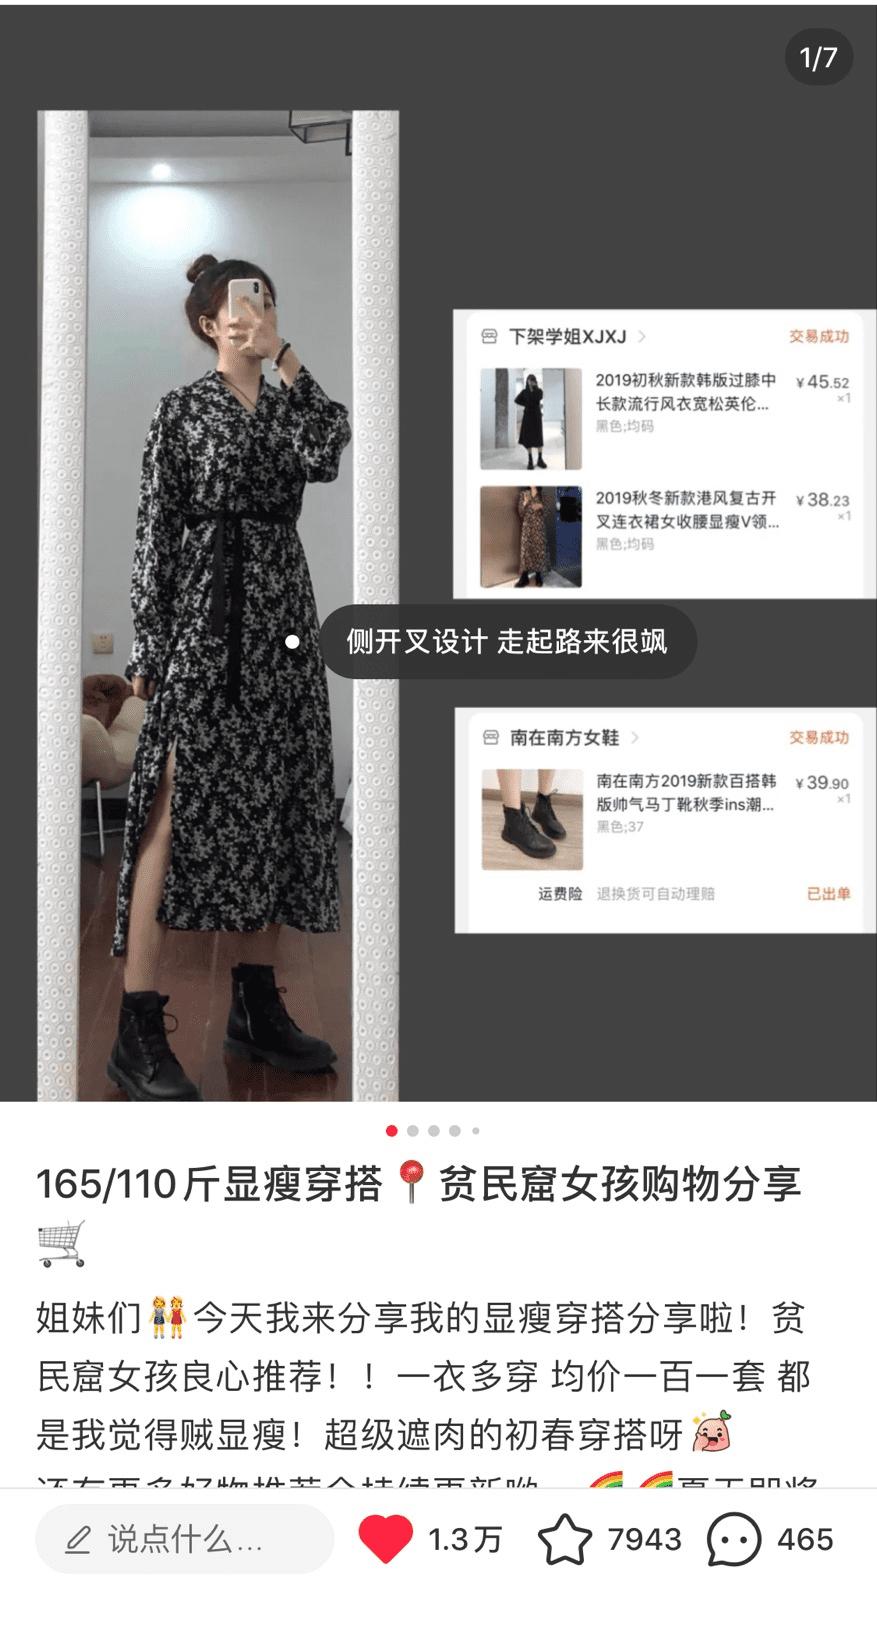 服装行业在小红书获客指南:7条标题公式、3大种草套路...|坤龙